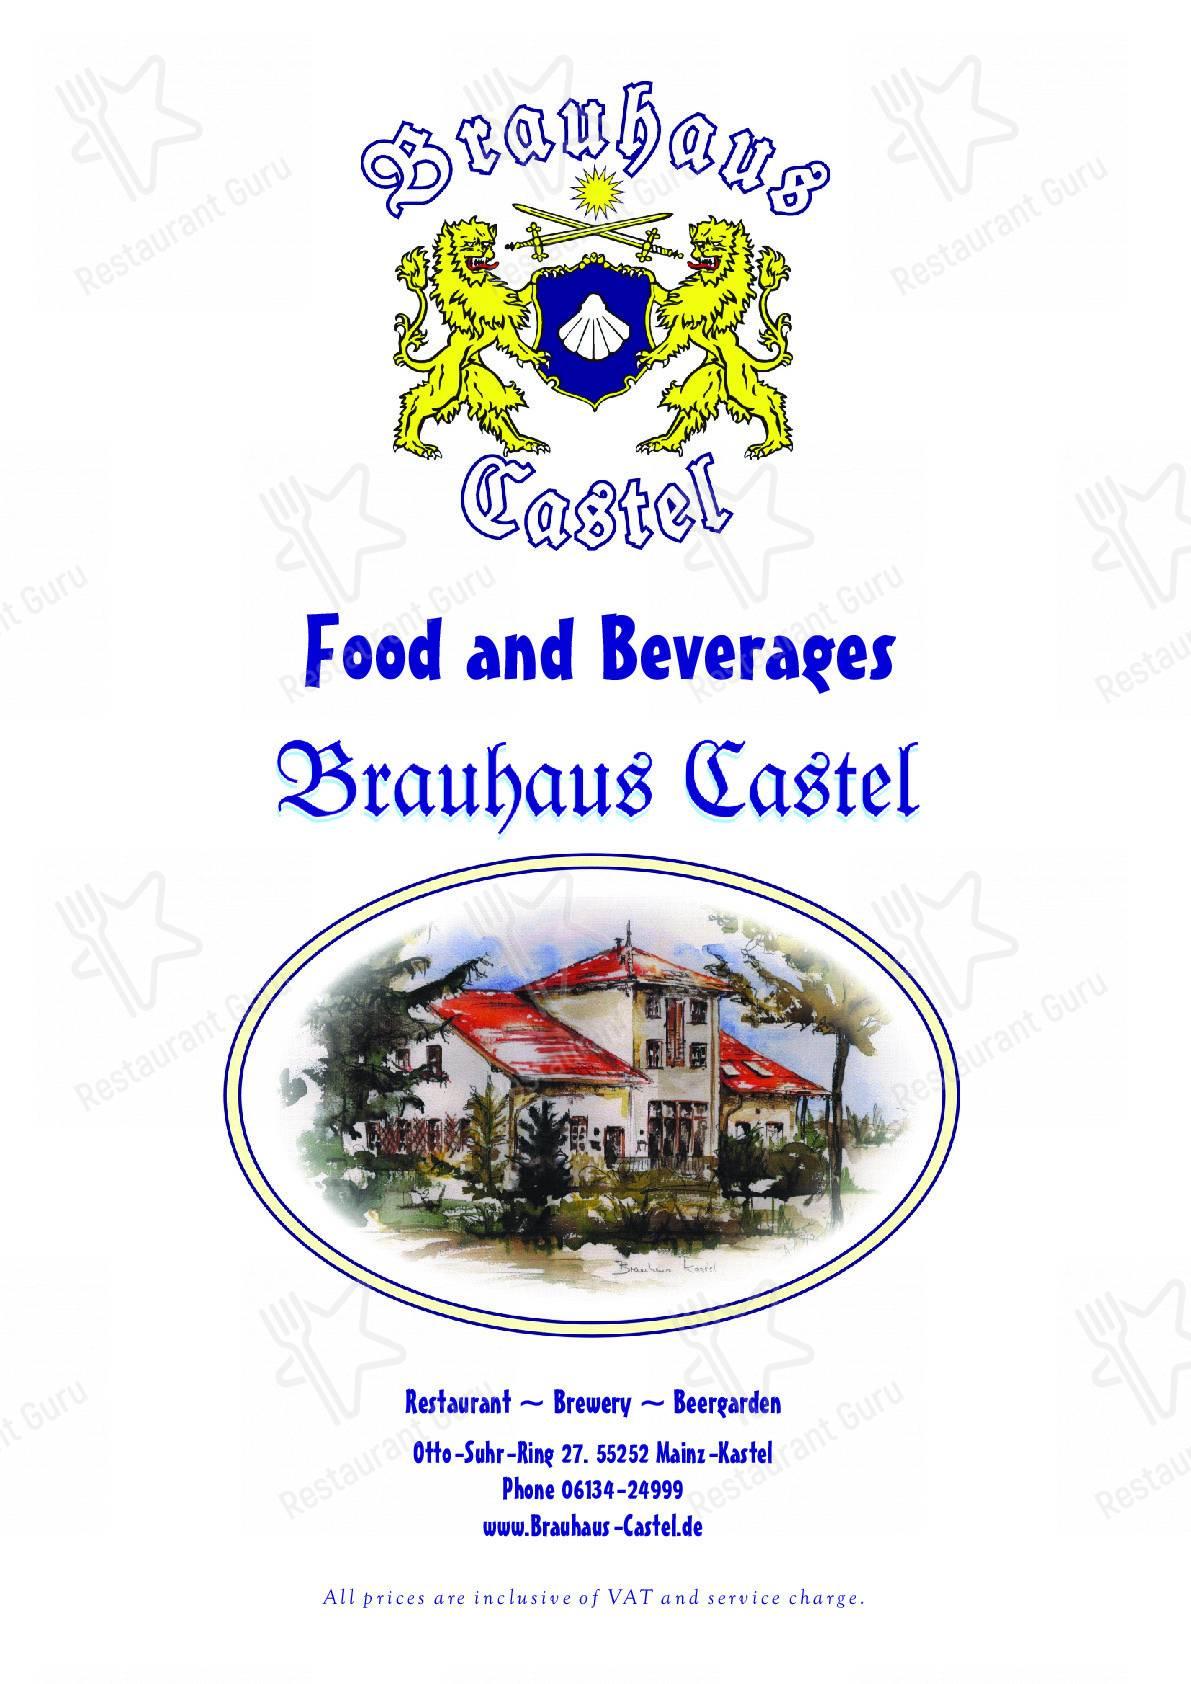 Brauhaus Castel Speisekarte - Gerichte und Getränke